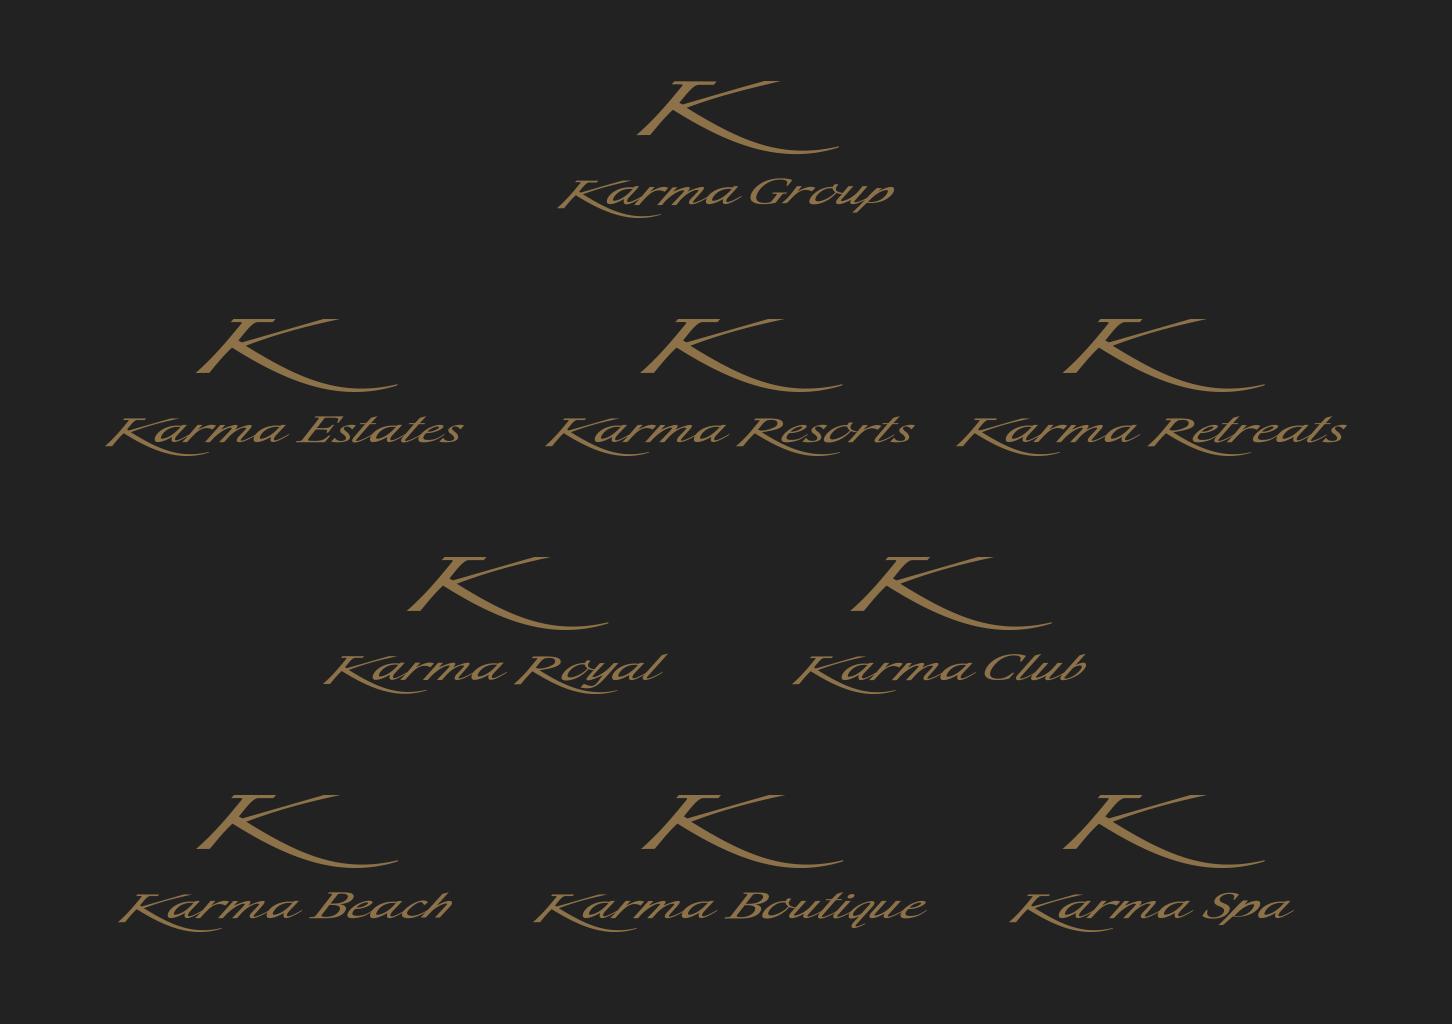 KARMA-LOGOS.jpg